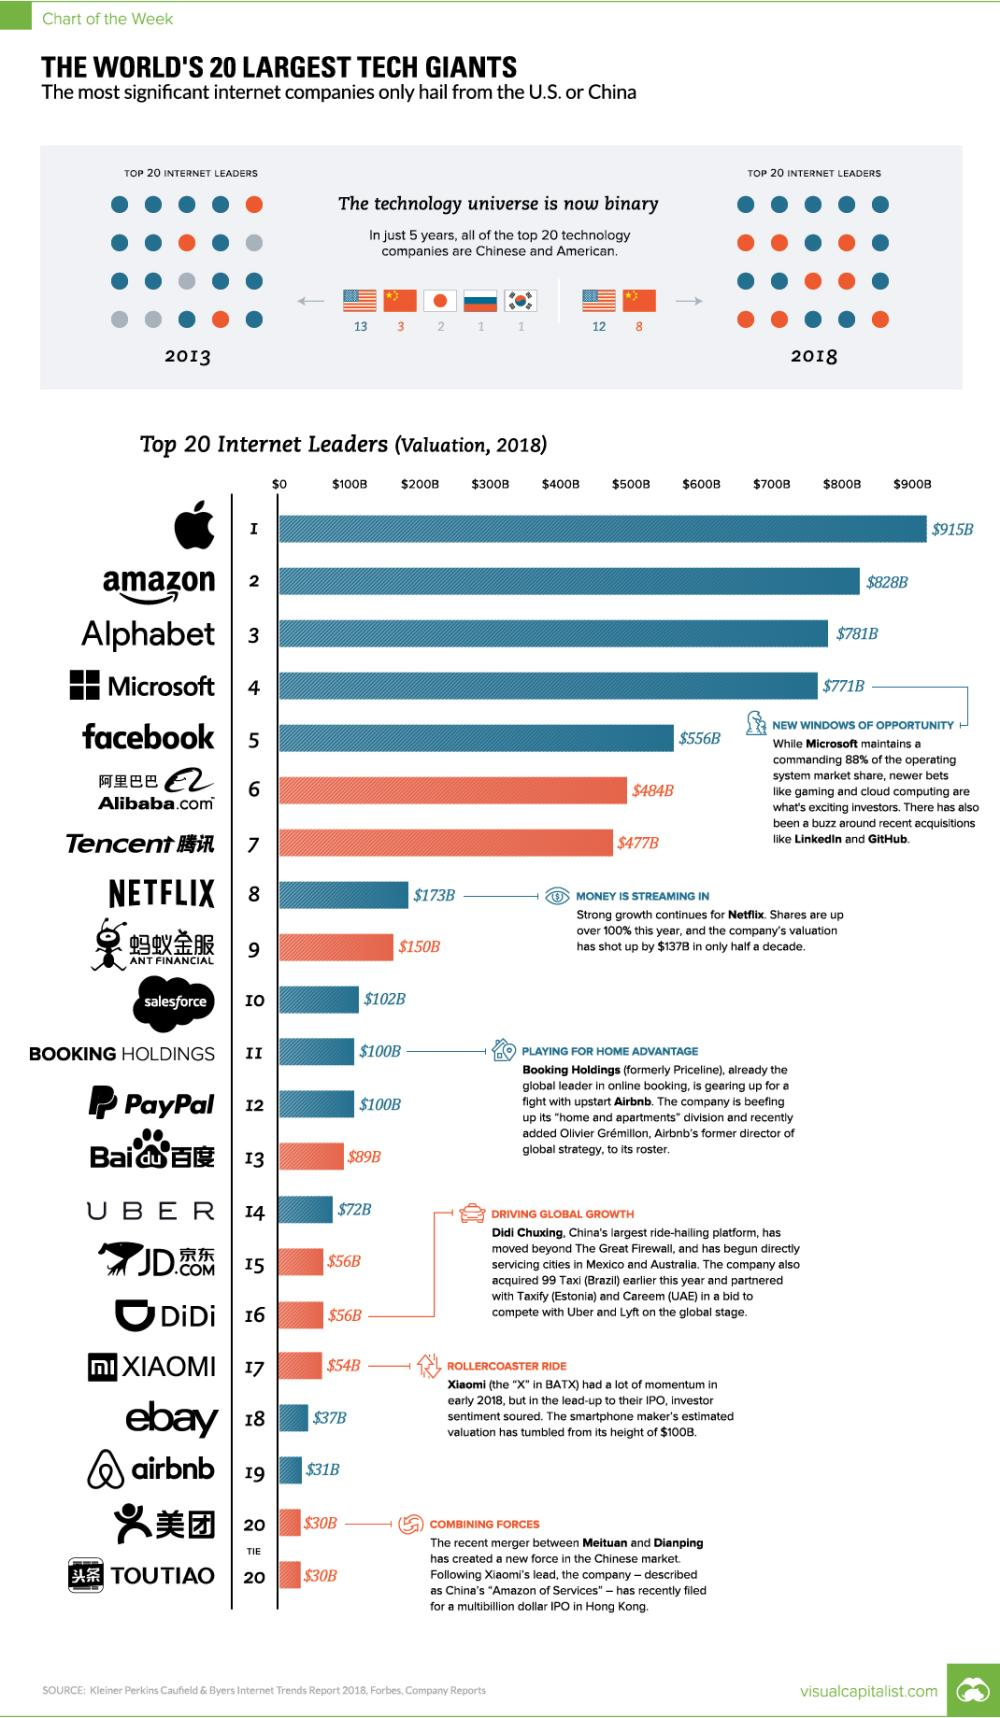 全球互联网科技企业TOP20: 中国占9家 阿里第6